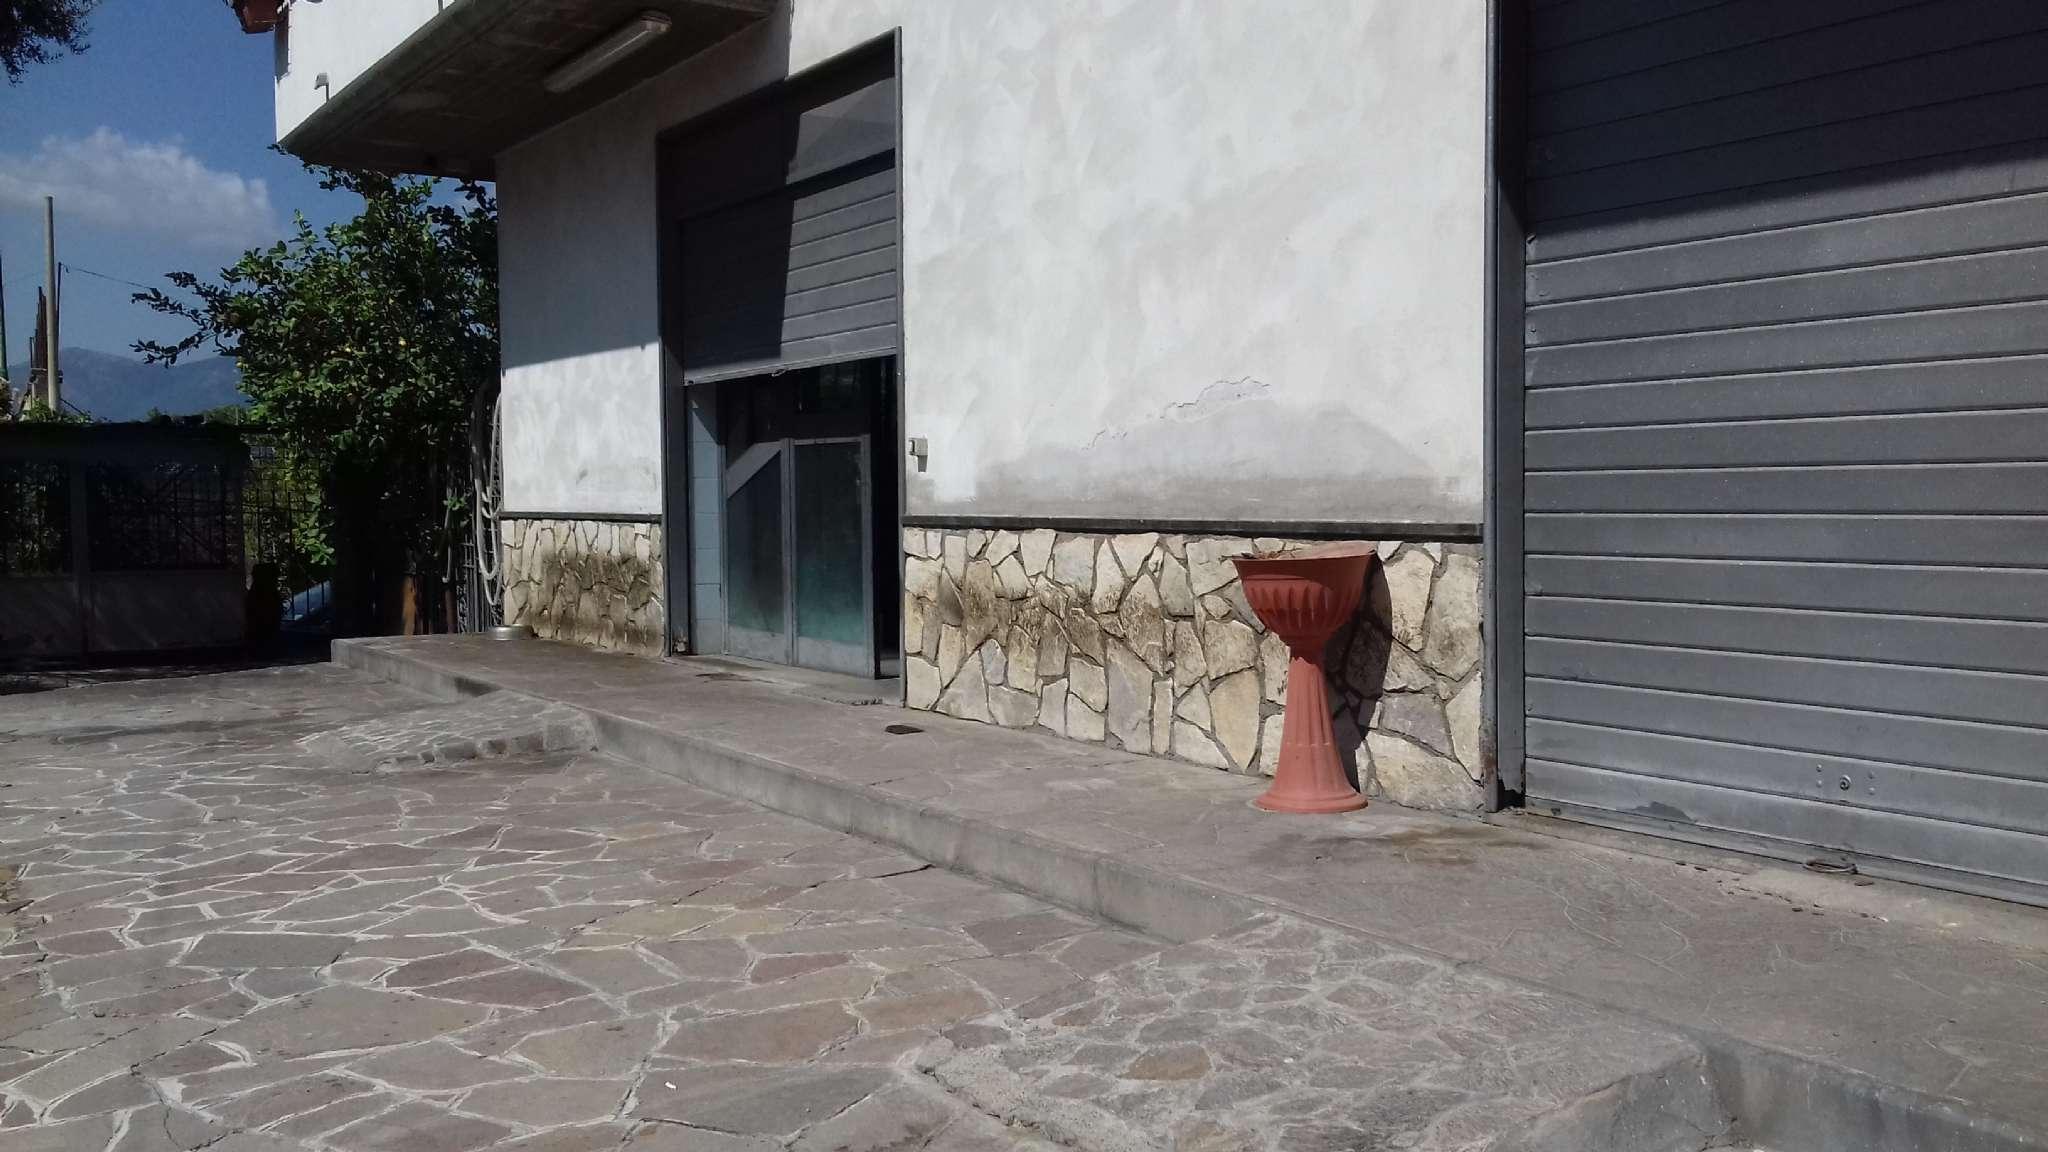 Locale Commerciale in affitto nel Comune di San Paolo Bel Sito - Napoli Rif. 4997827